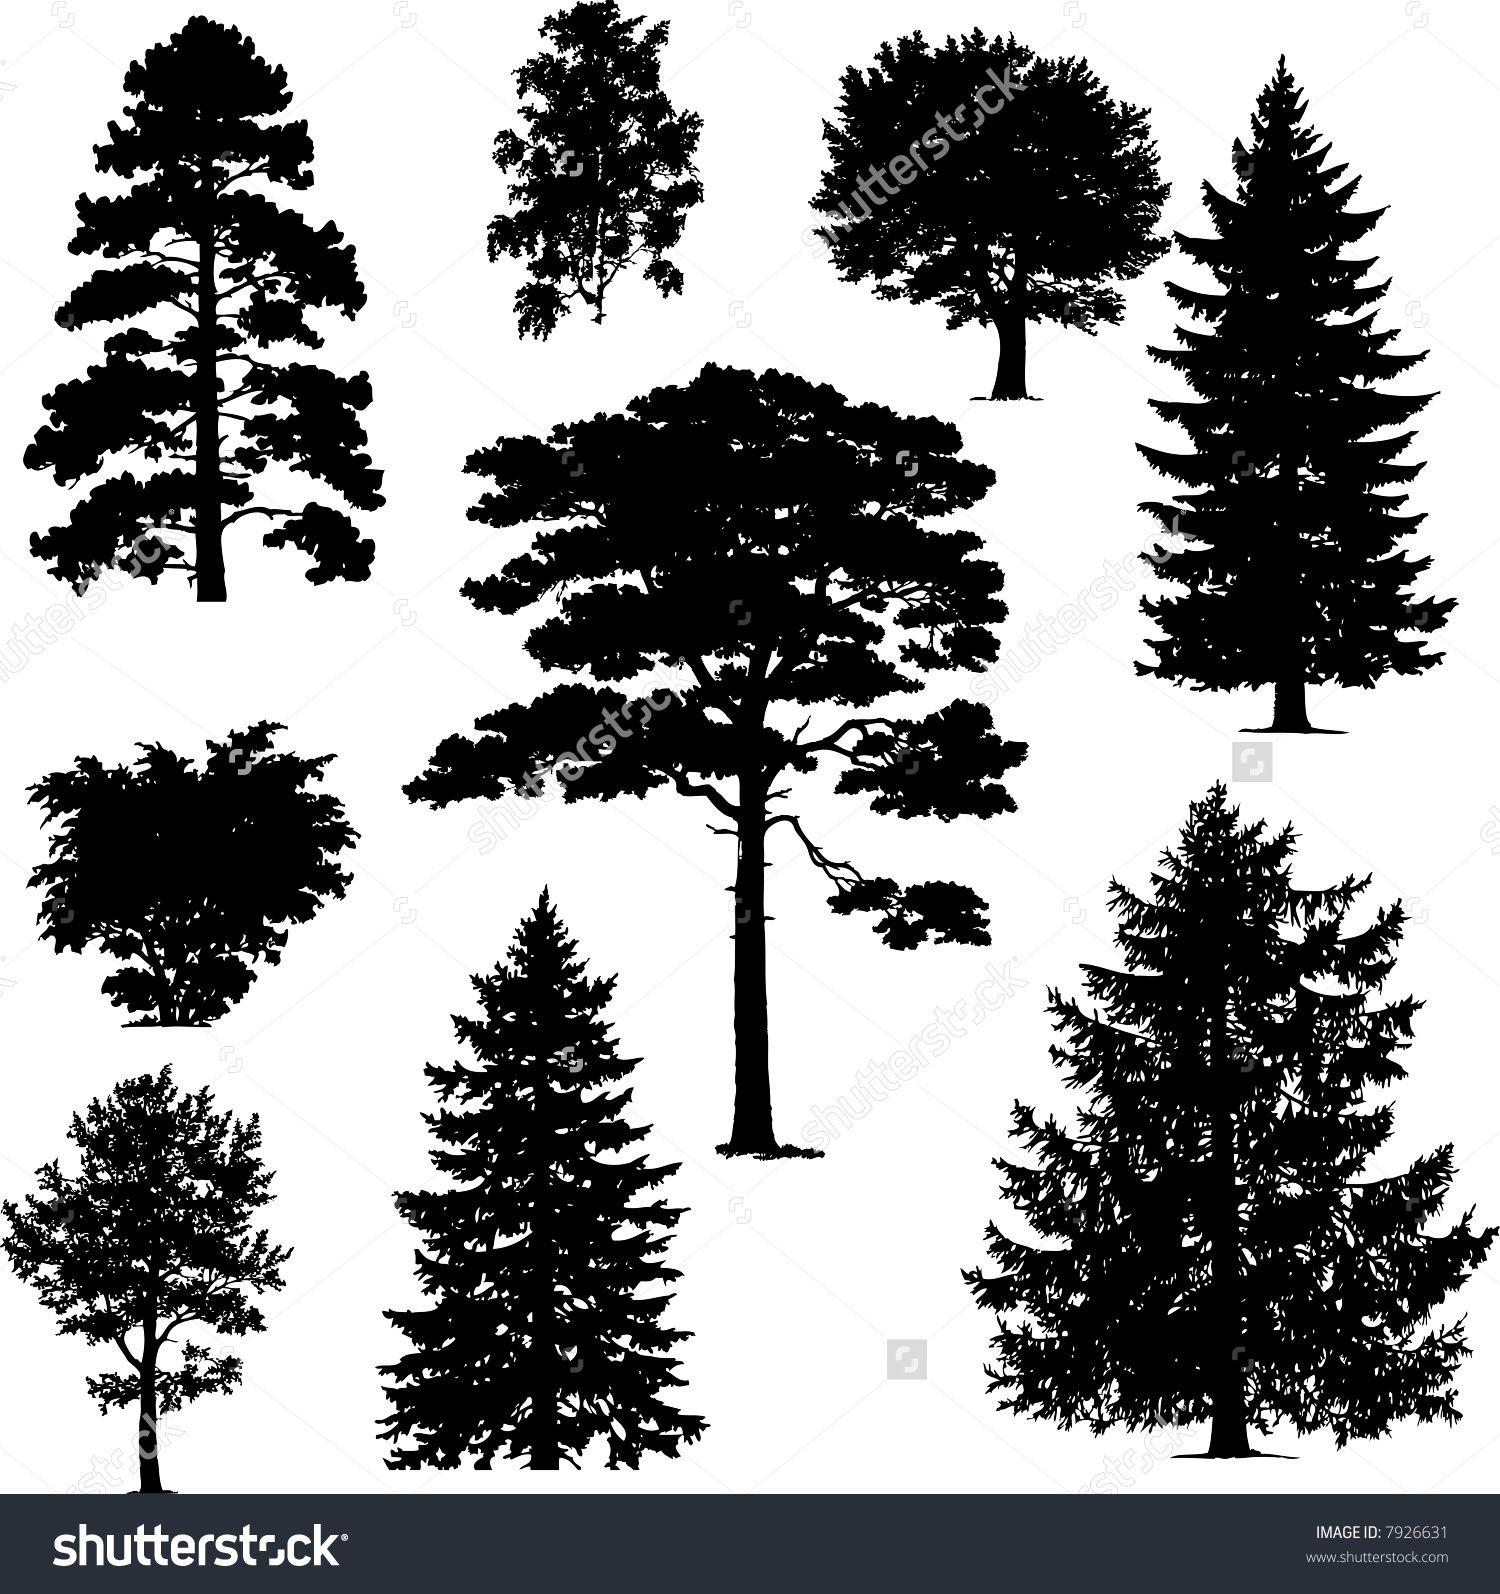 Pine Trees Stock Vectors & Vector Clip Art Shutterstock